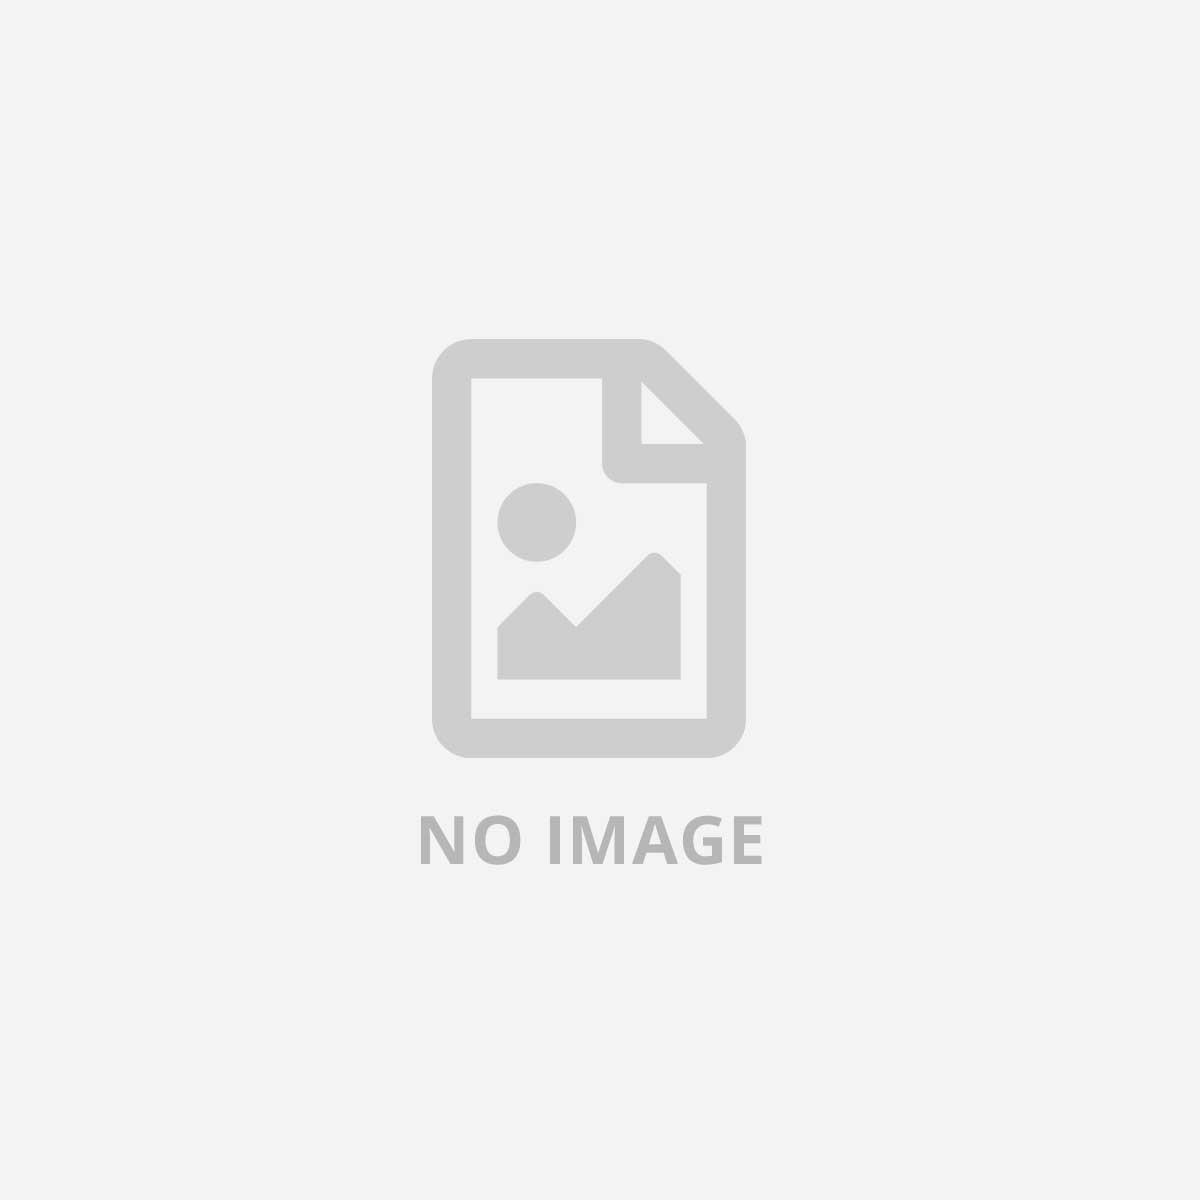 HPE ML30 GEN10 E-2224 1P 16G 8SFF